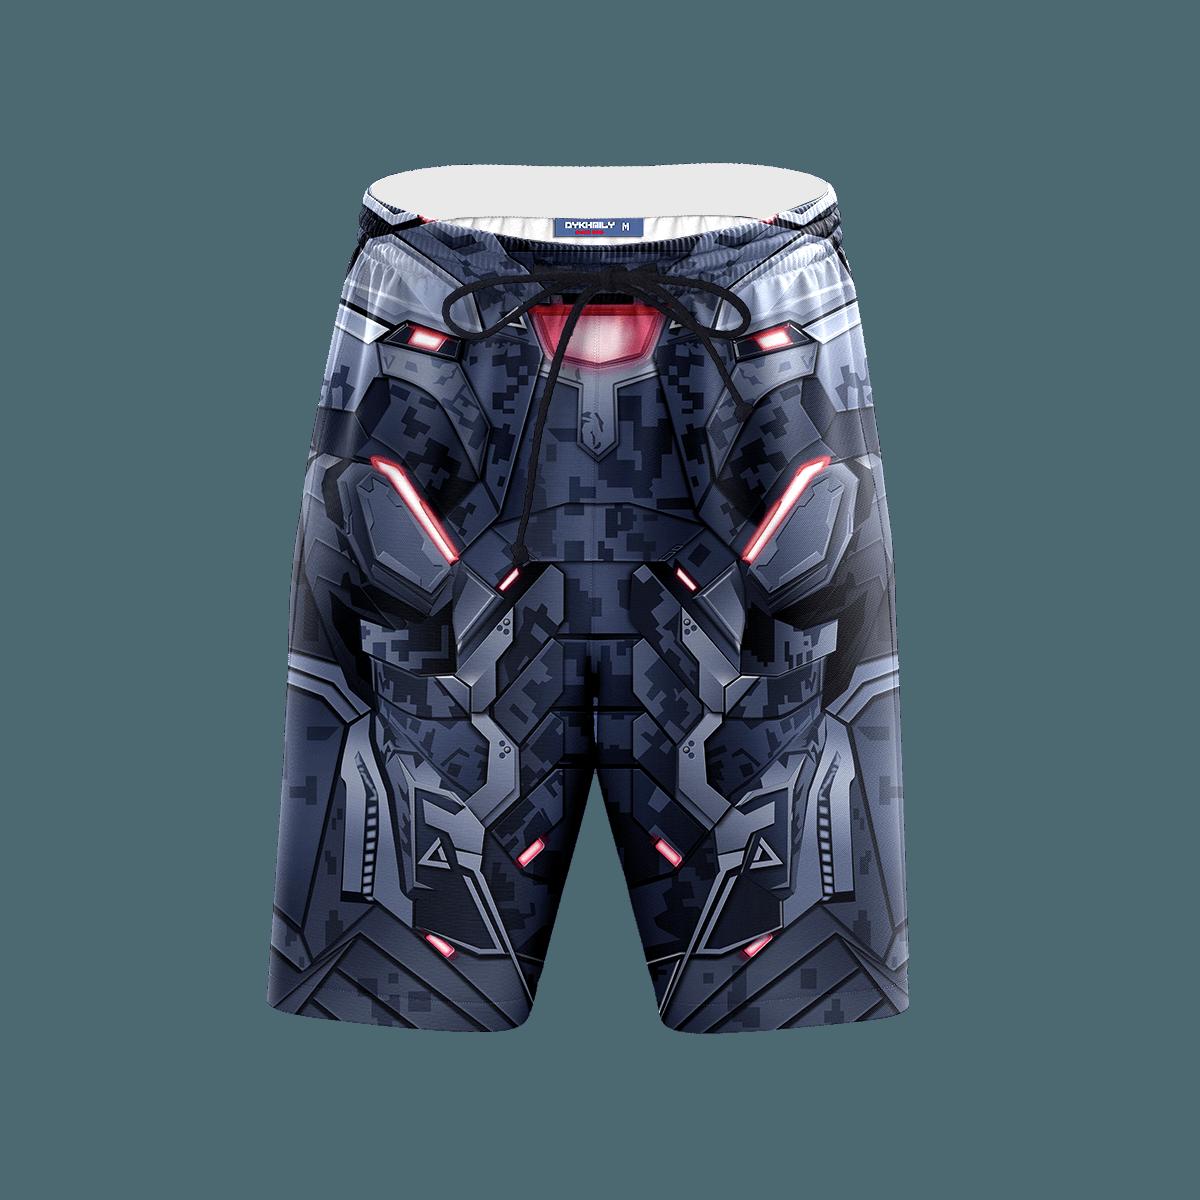 Rhodes Beach Shorts FDM3107 S Official Anime Swimsuit Merch